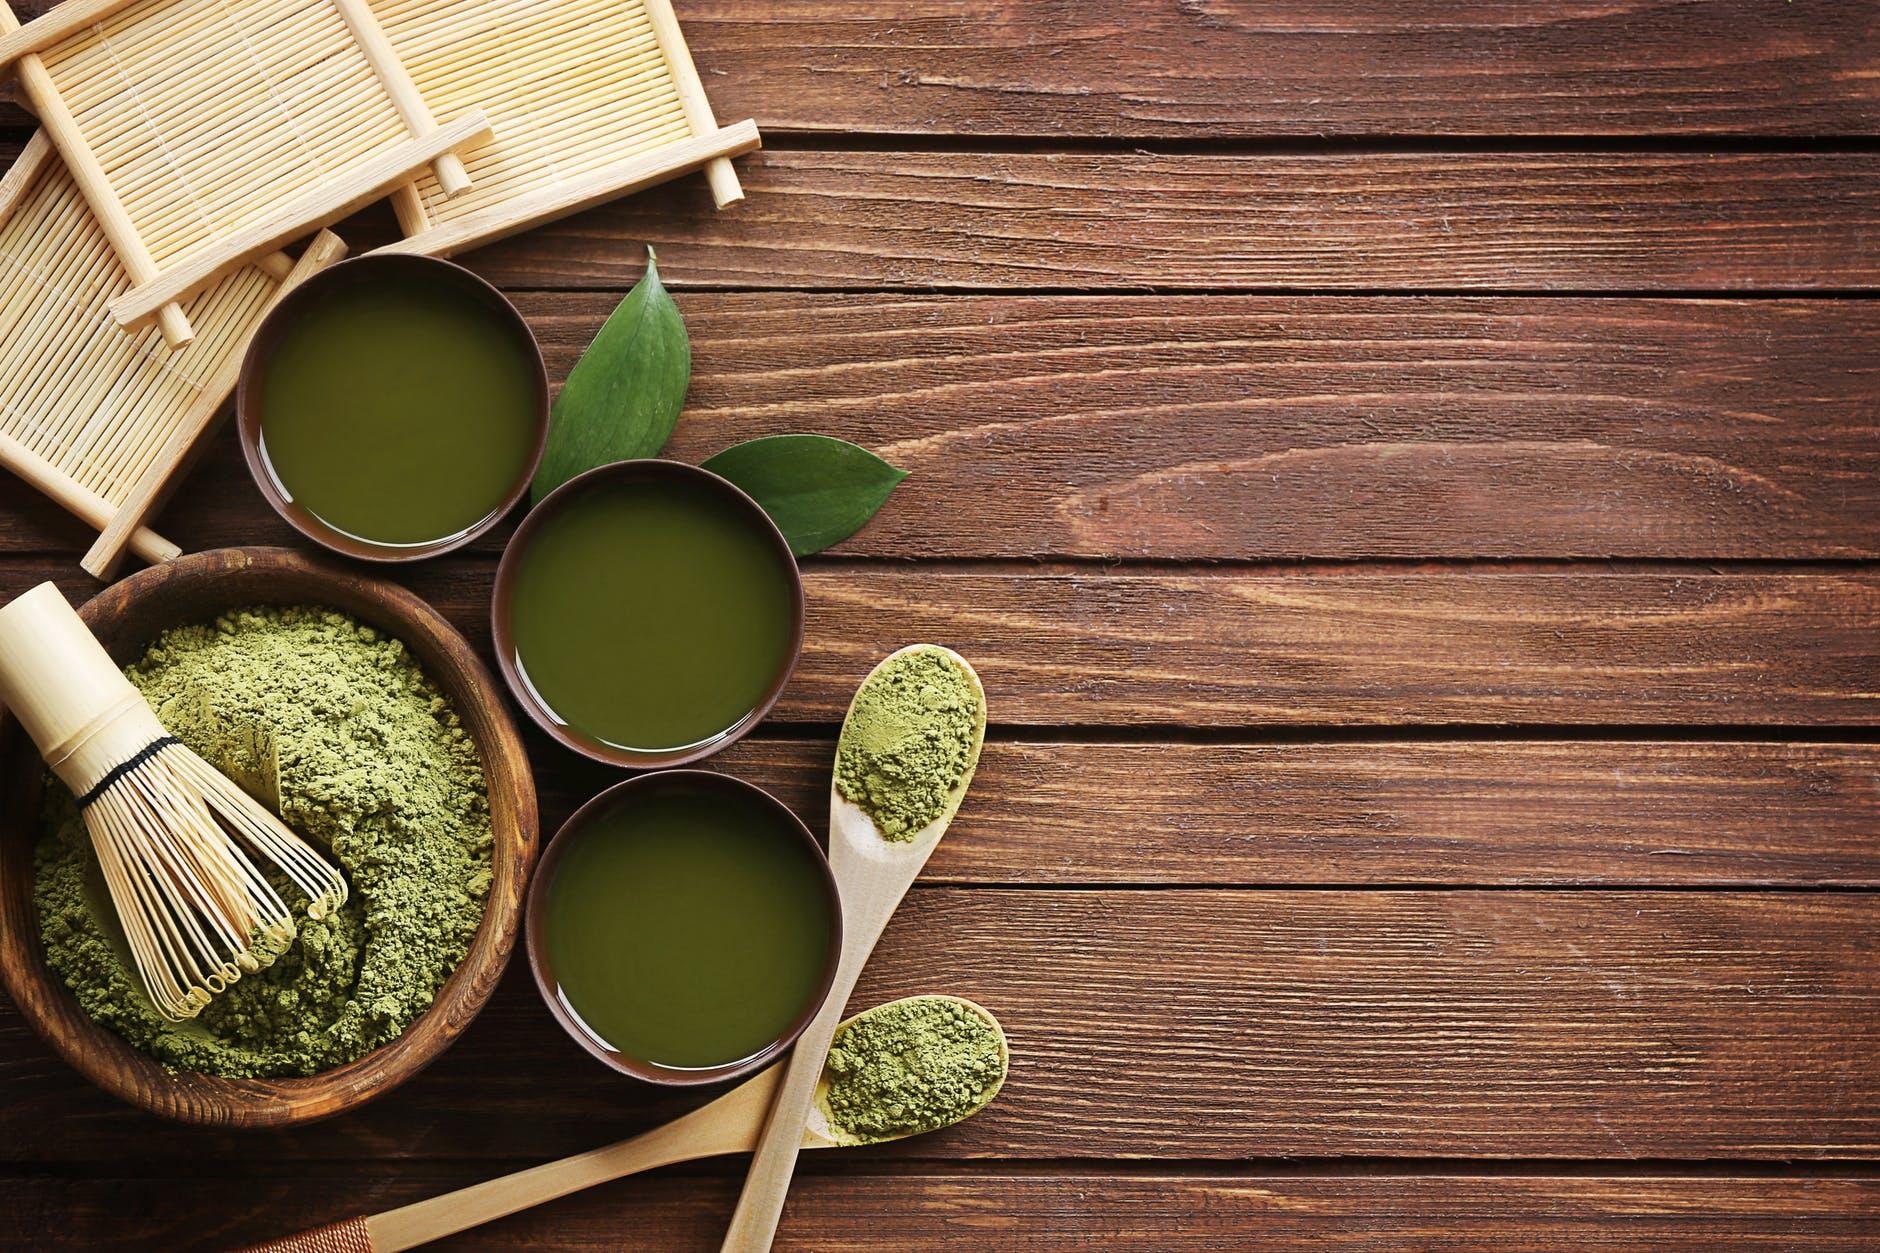 bamboo bamboo whisk board bowls